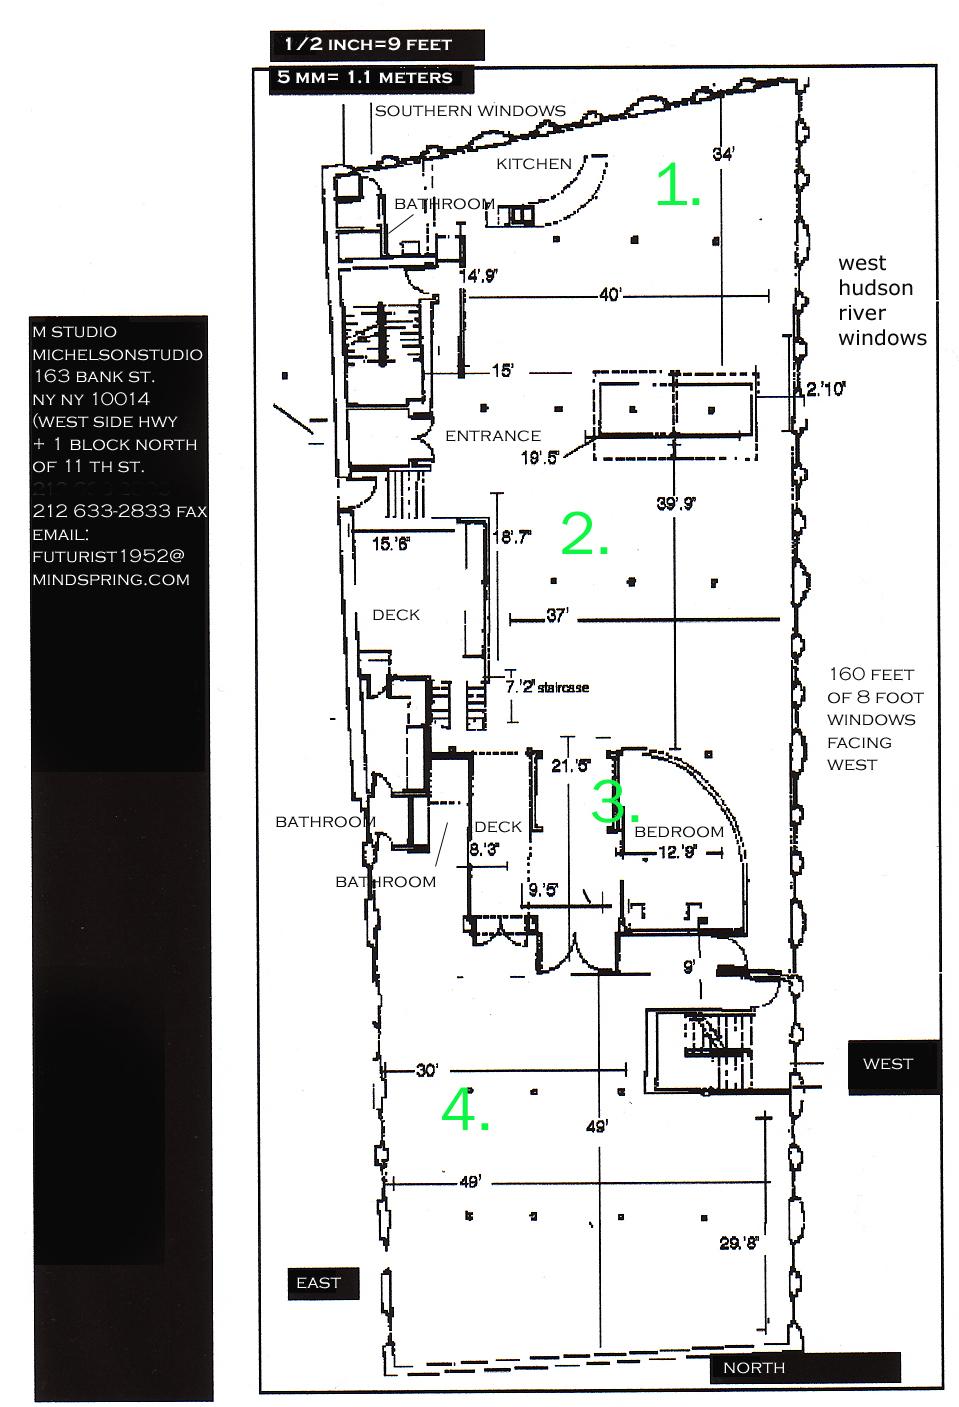 floorplan hi res.jpg